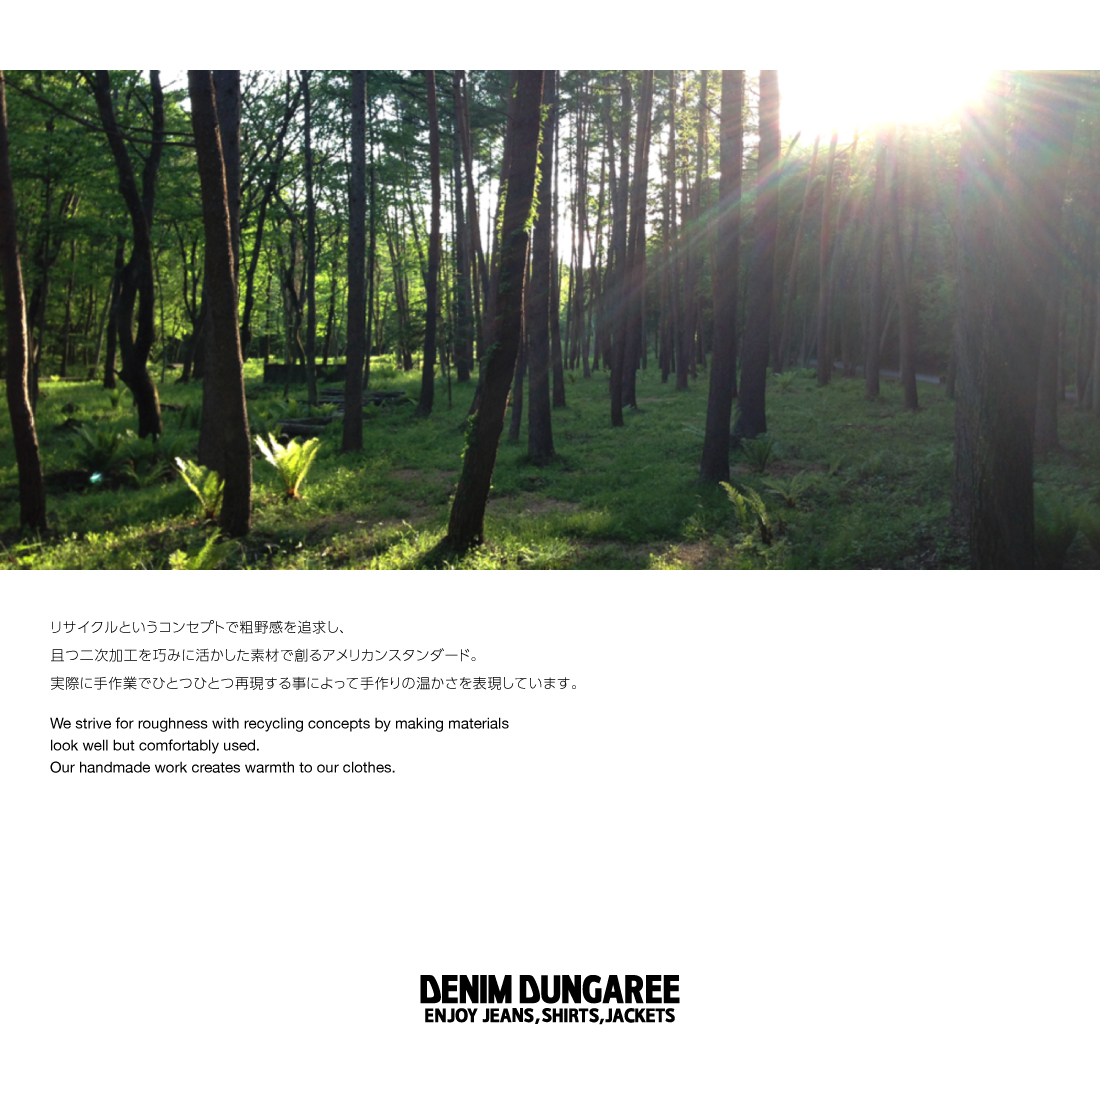 デニム&ダンガリー DENIM DUNGAREE  テンジク スタイ(F)【メール便可】908001